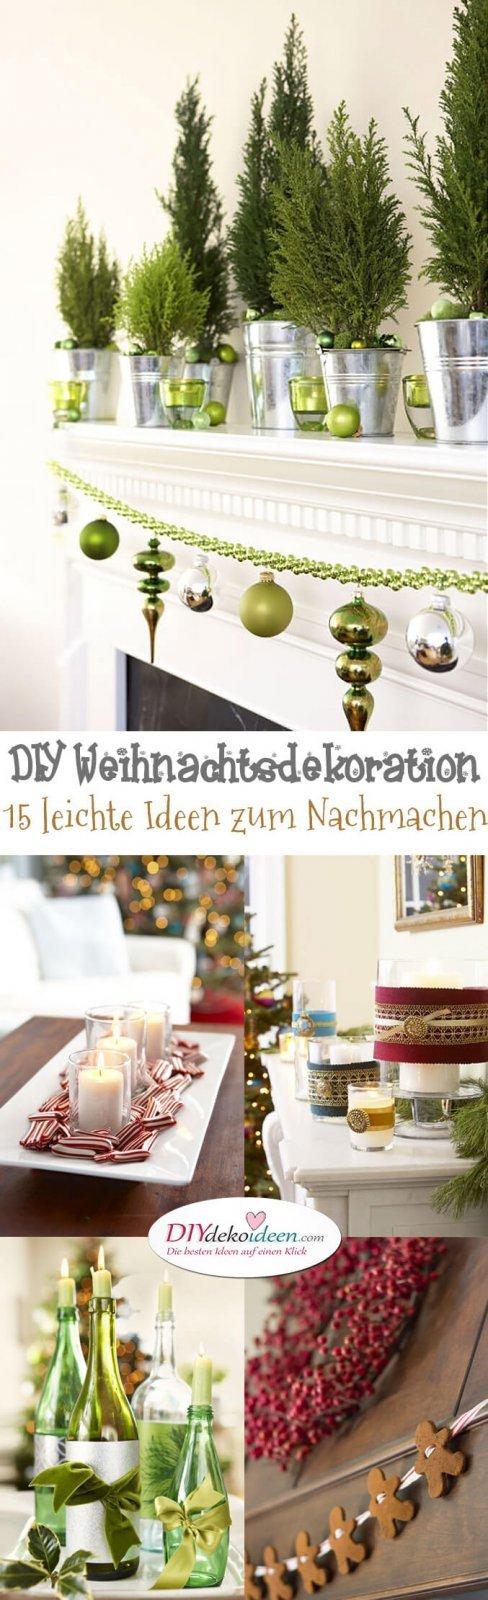 15 Ideen für DIY Weihnachtsdekoration - Weihnachten Dekoideen - Weihnachtsdeko